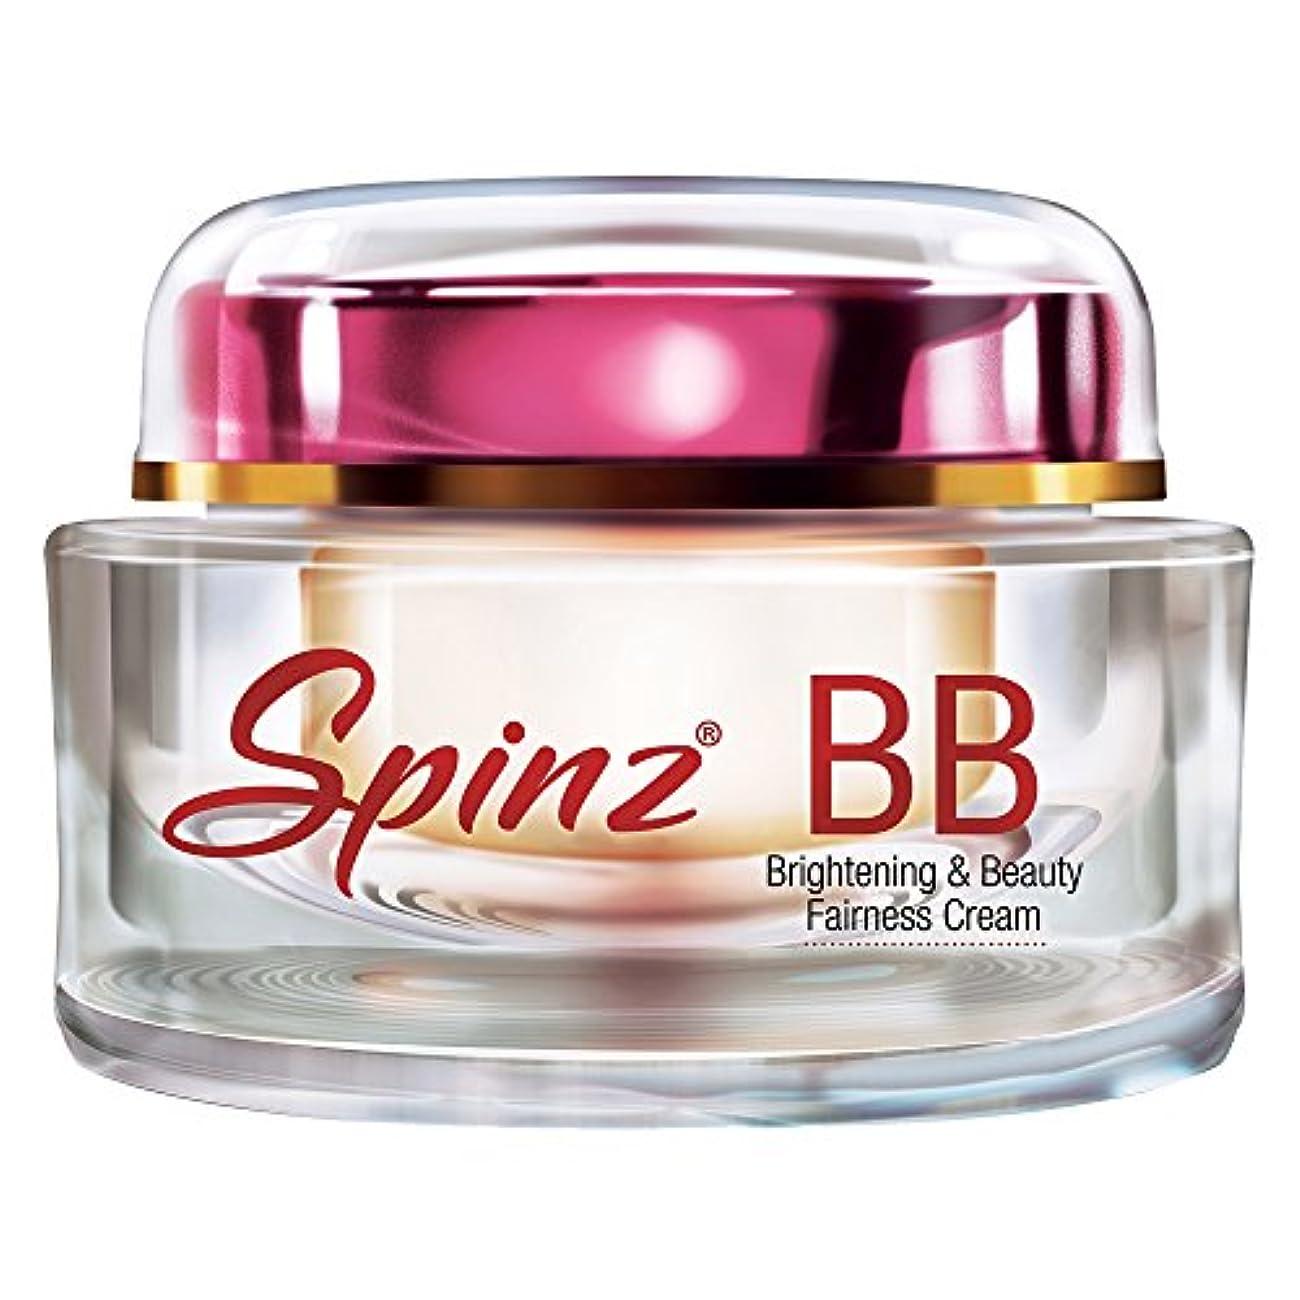 マーベル不足苦情文句Spinz BB Fairness Cream, 50gm